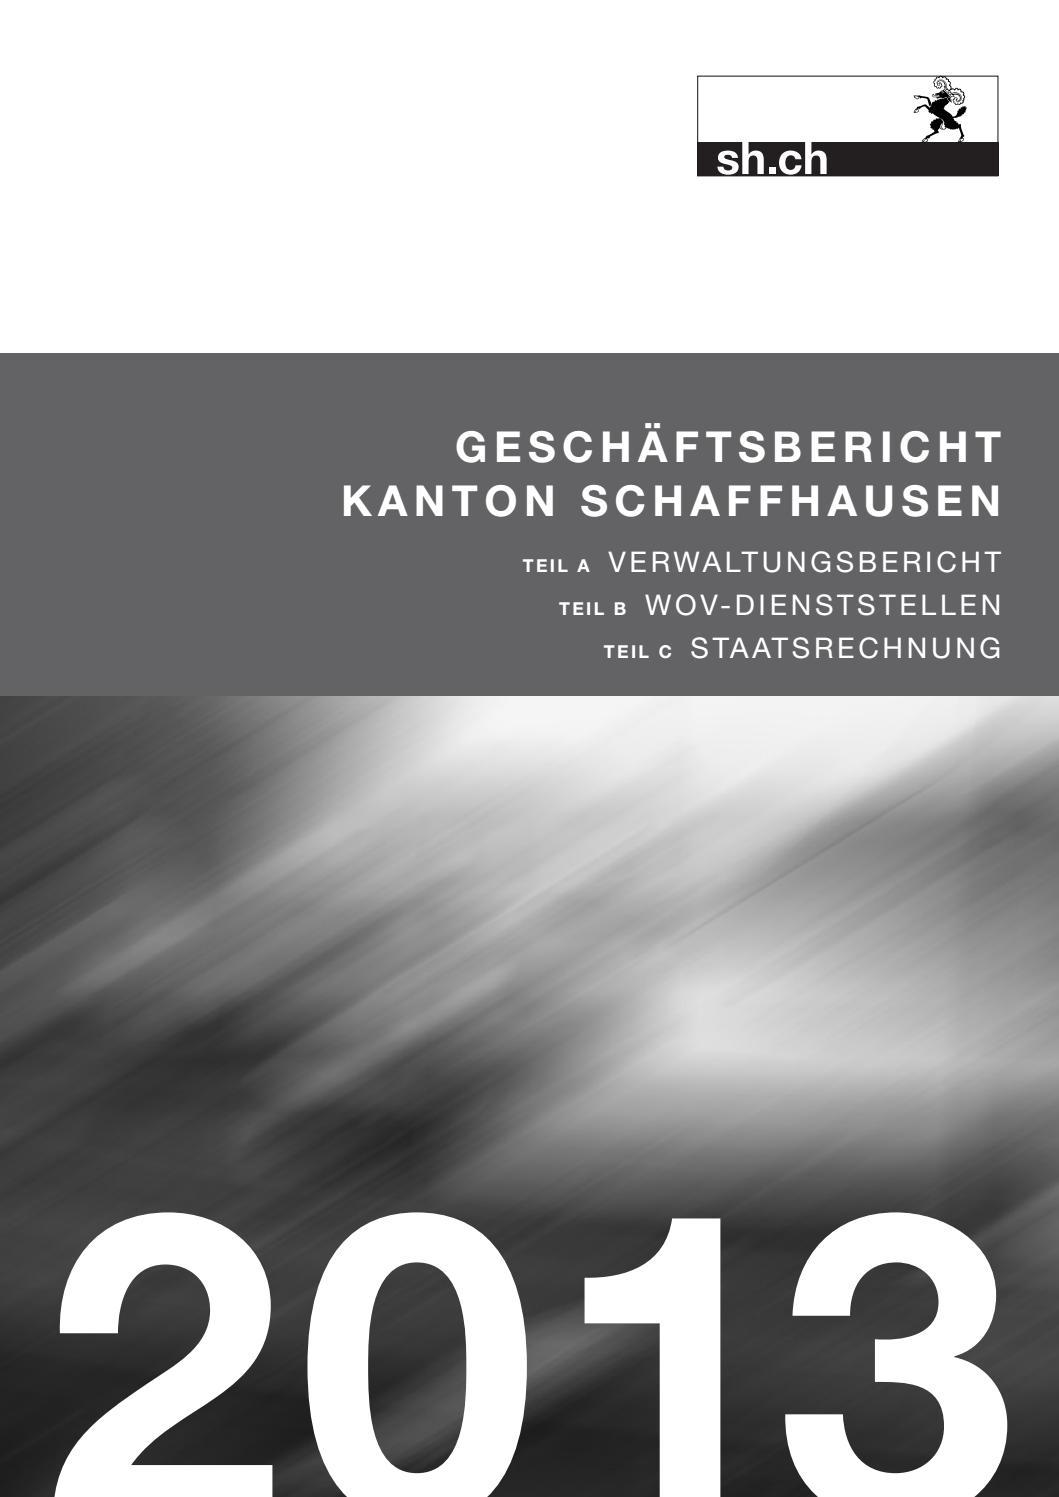 Schaffhausen ksd Geschäftsbericht issuu Kanton by 2013 sh K1JlcuTF3